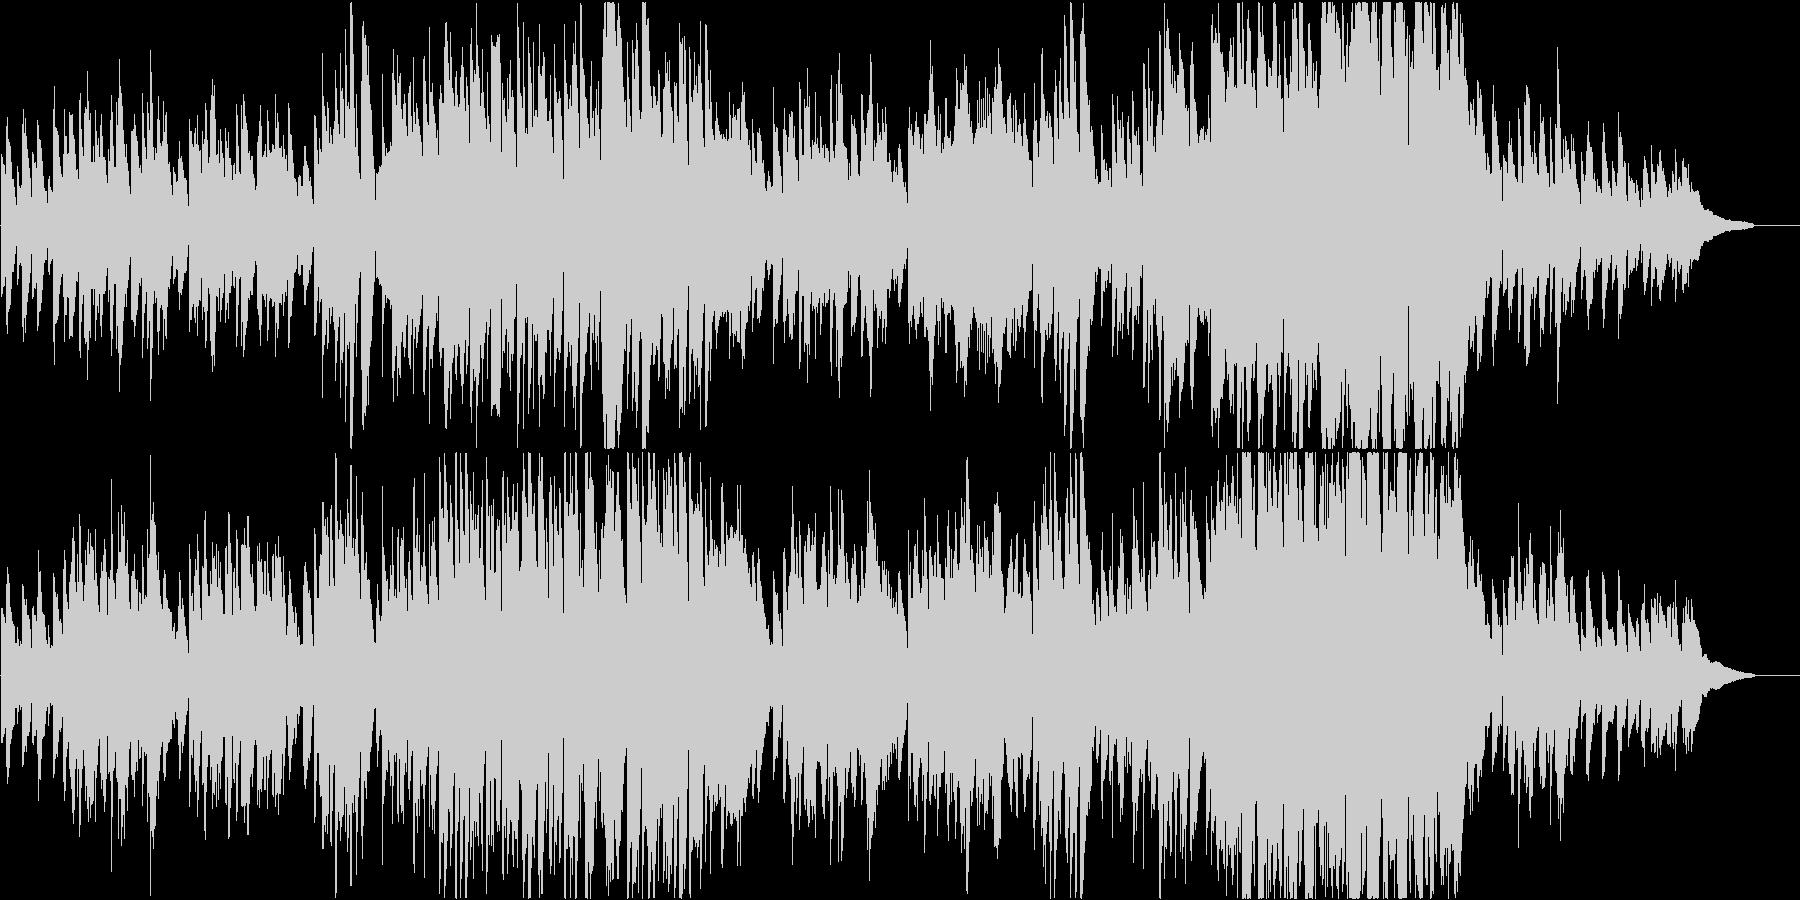 ピアノを使用したメランコリックなワルツの未再生の波形